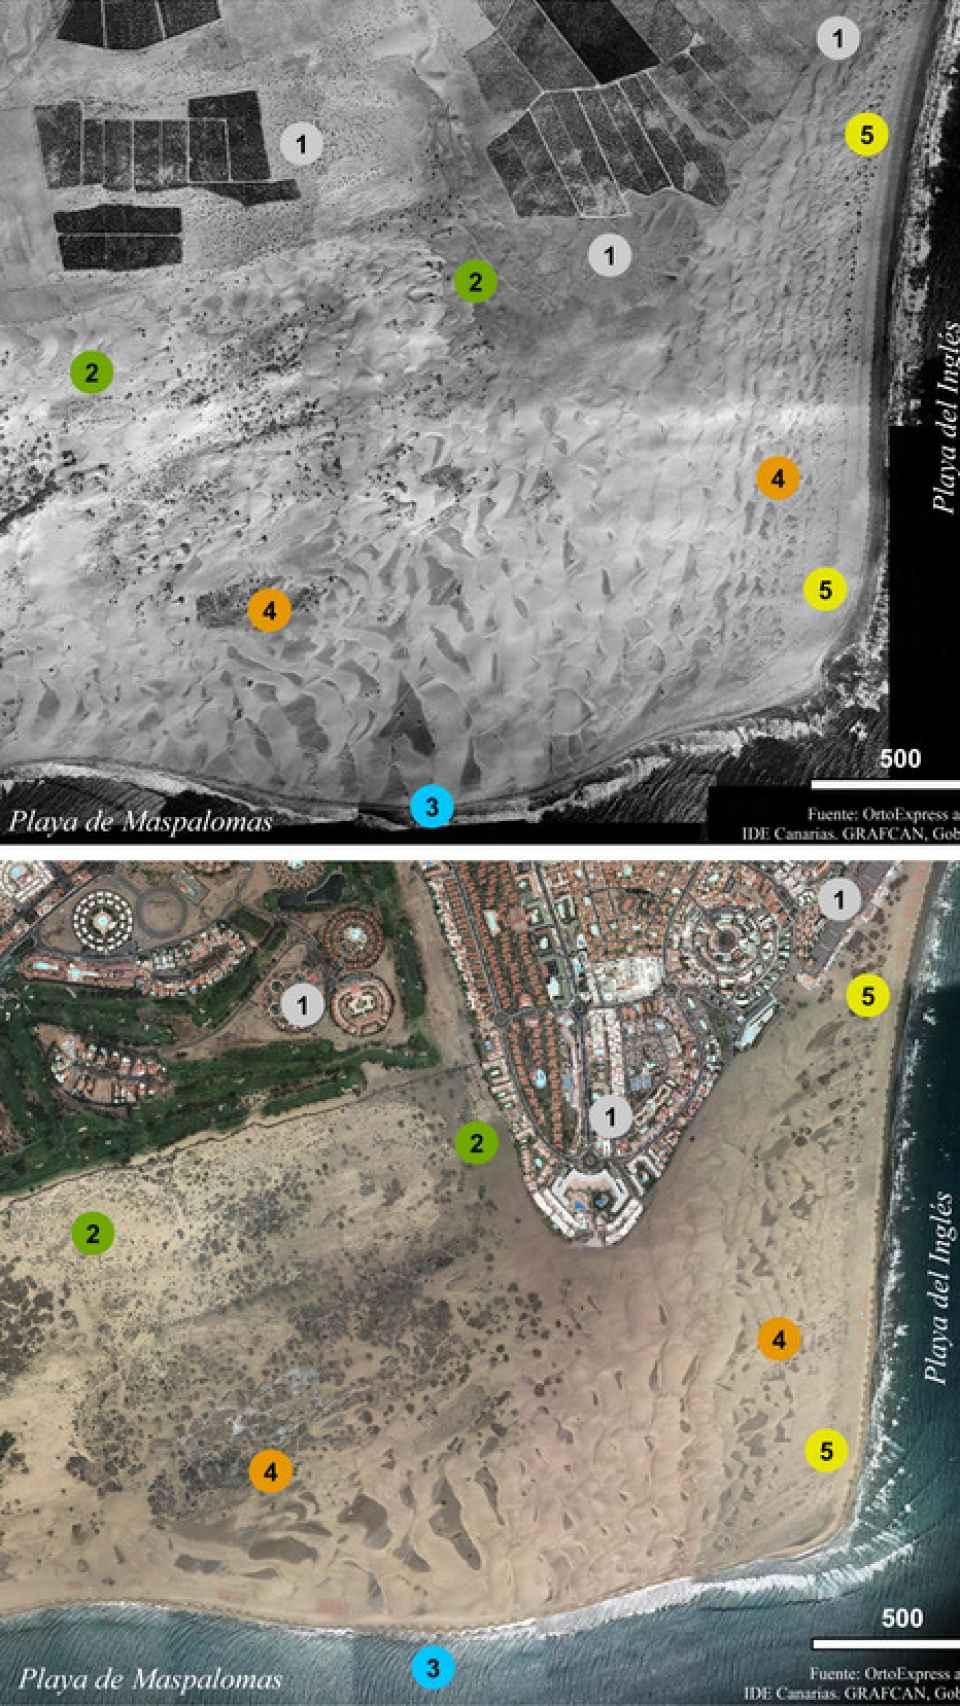 Las cinco diferencias. Cambios ambientales en las dunas de Maspalomas.